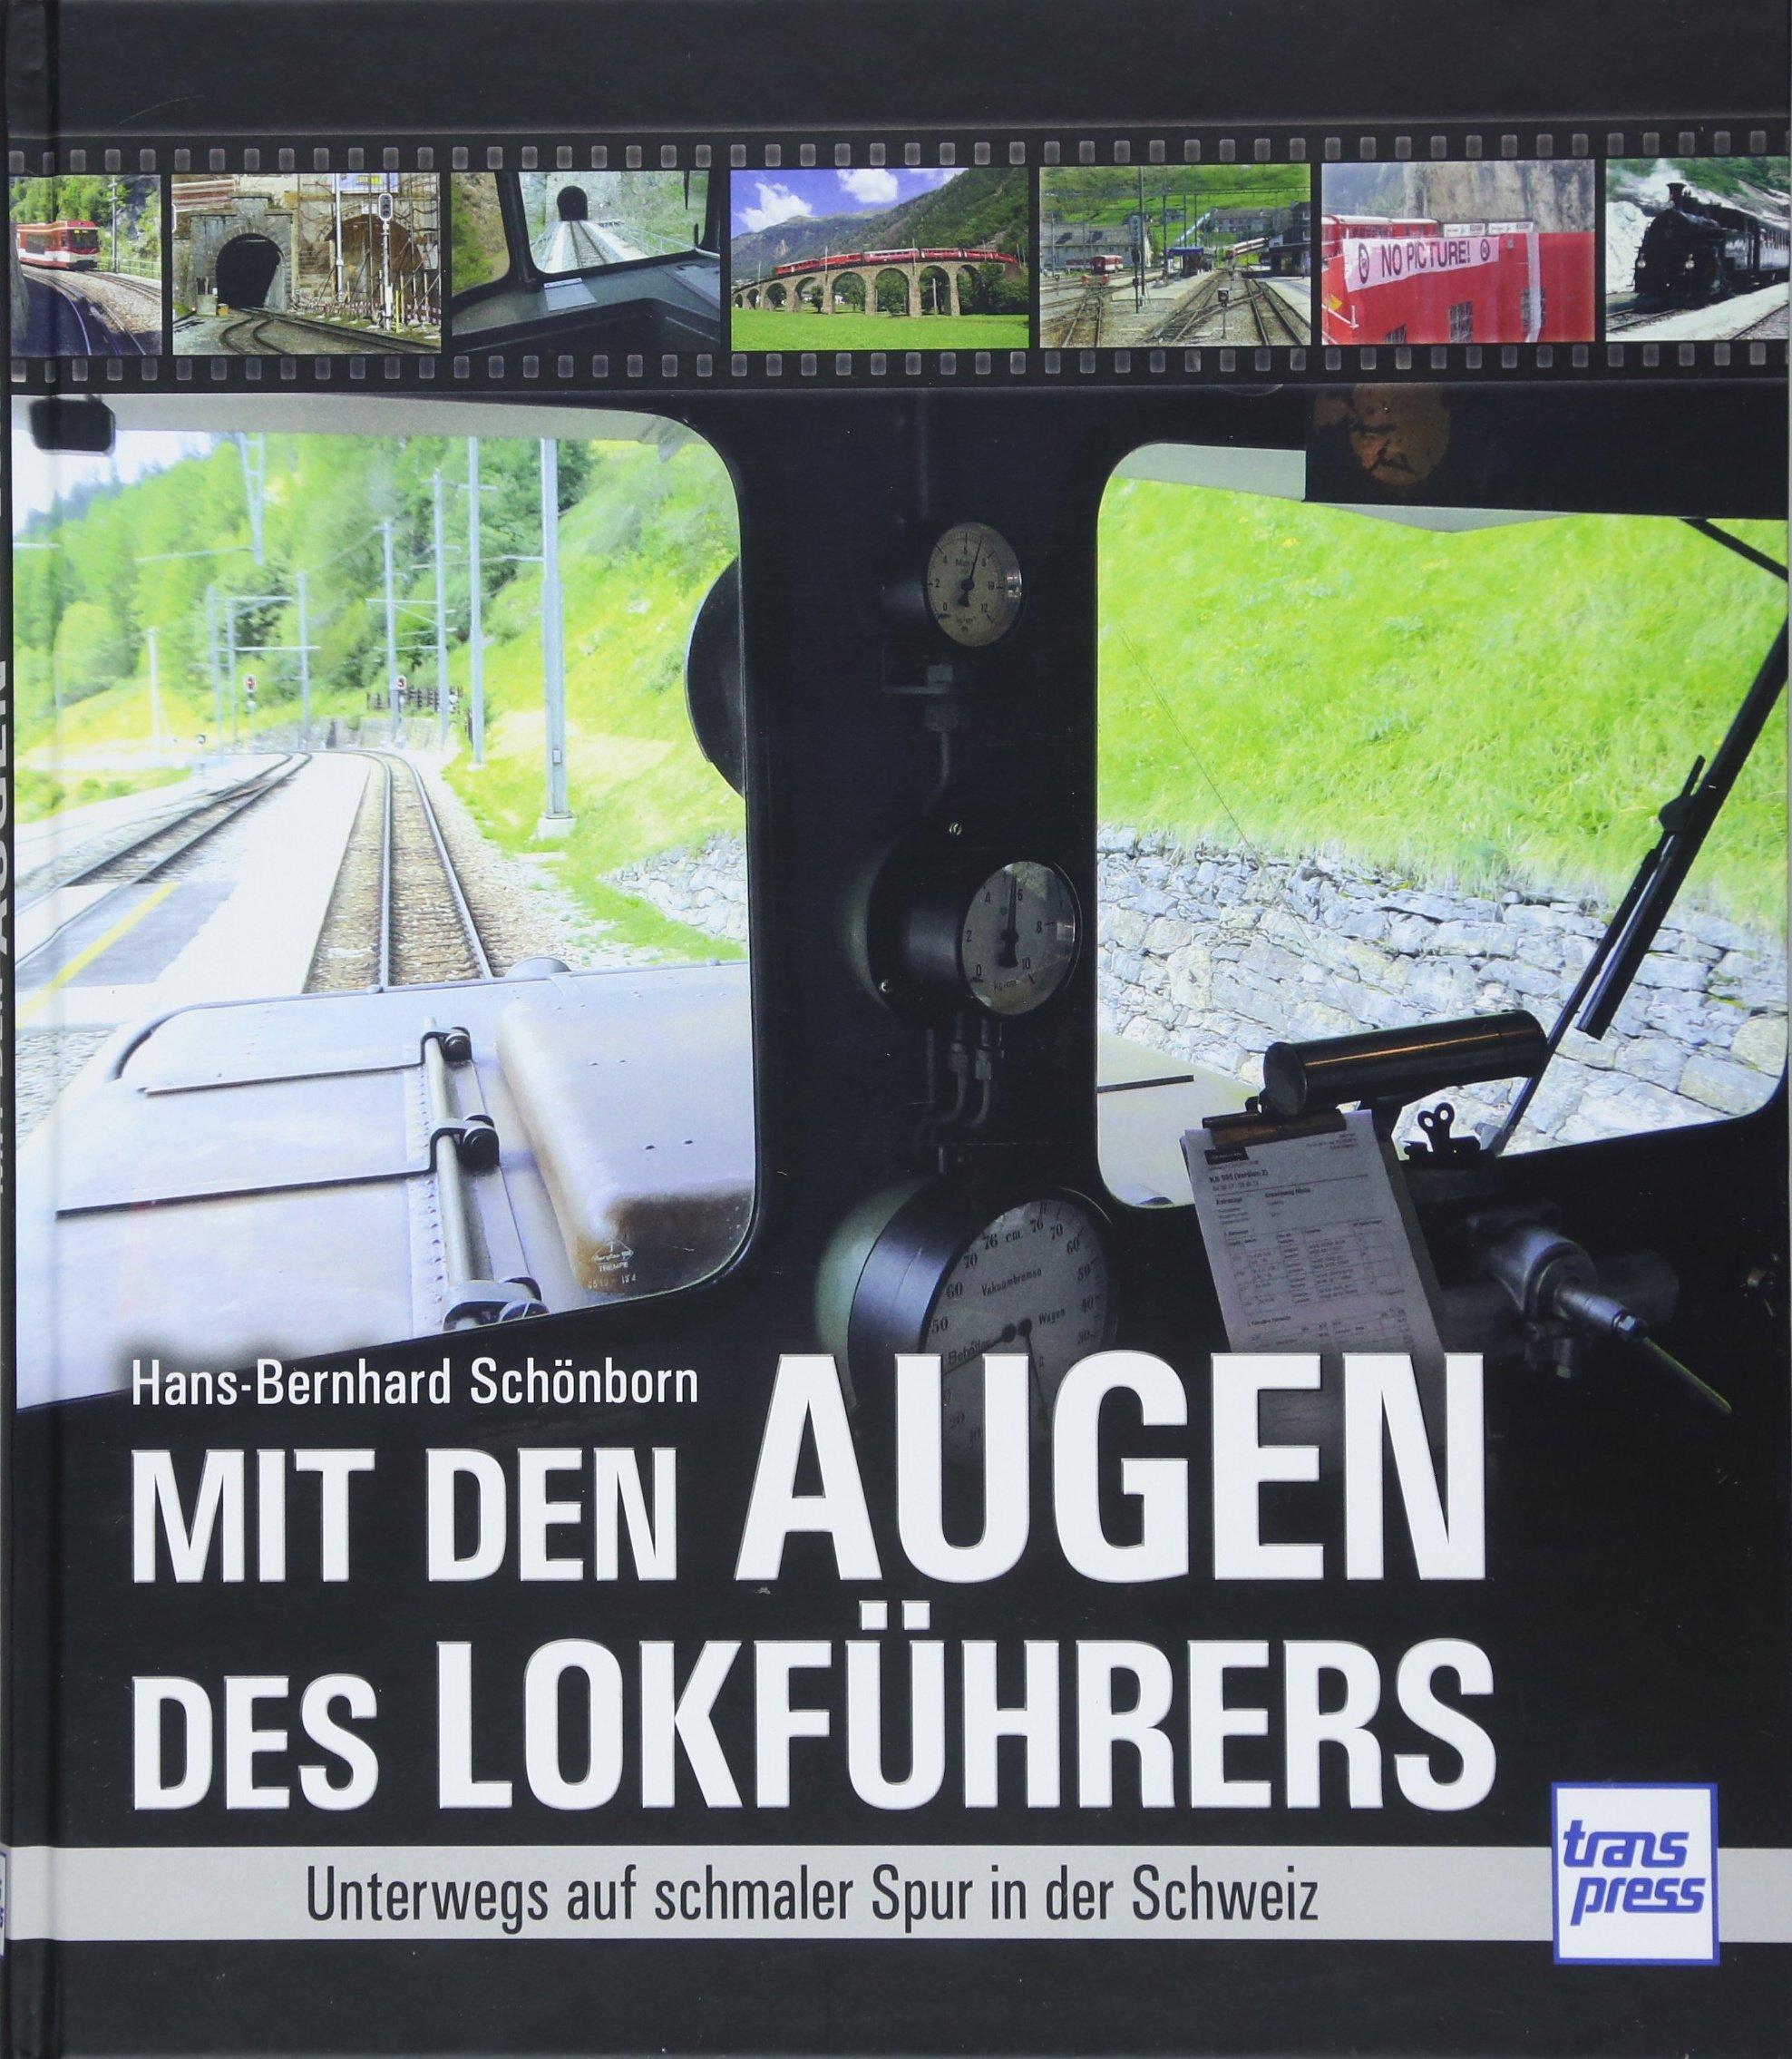 Mit den Augen des Lokführers: Unterwegs auf schmaler Spur in der Schweiz